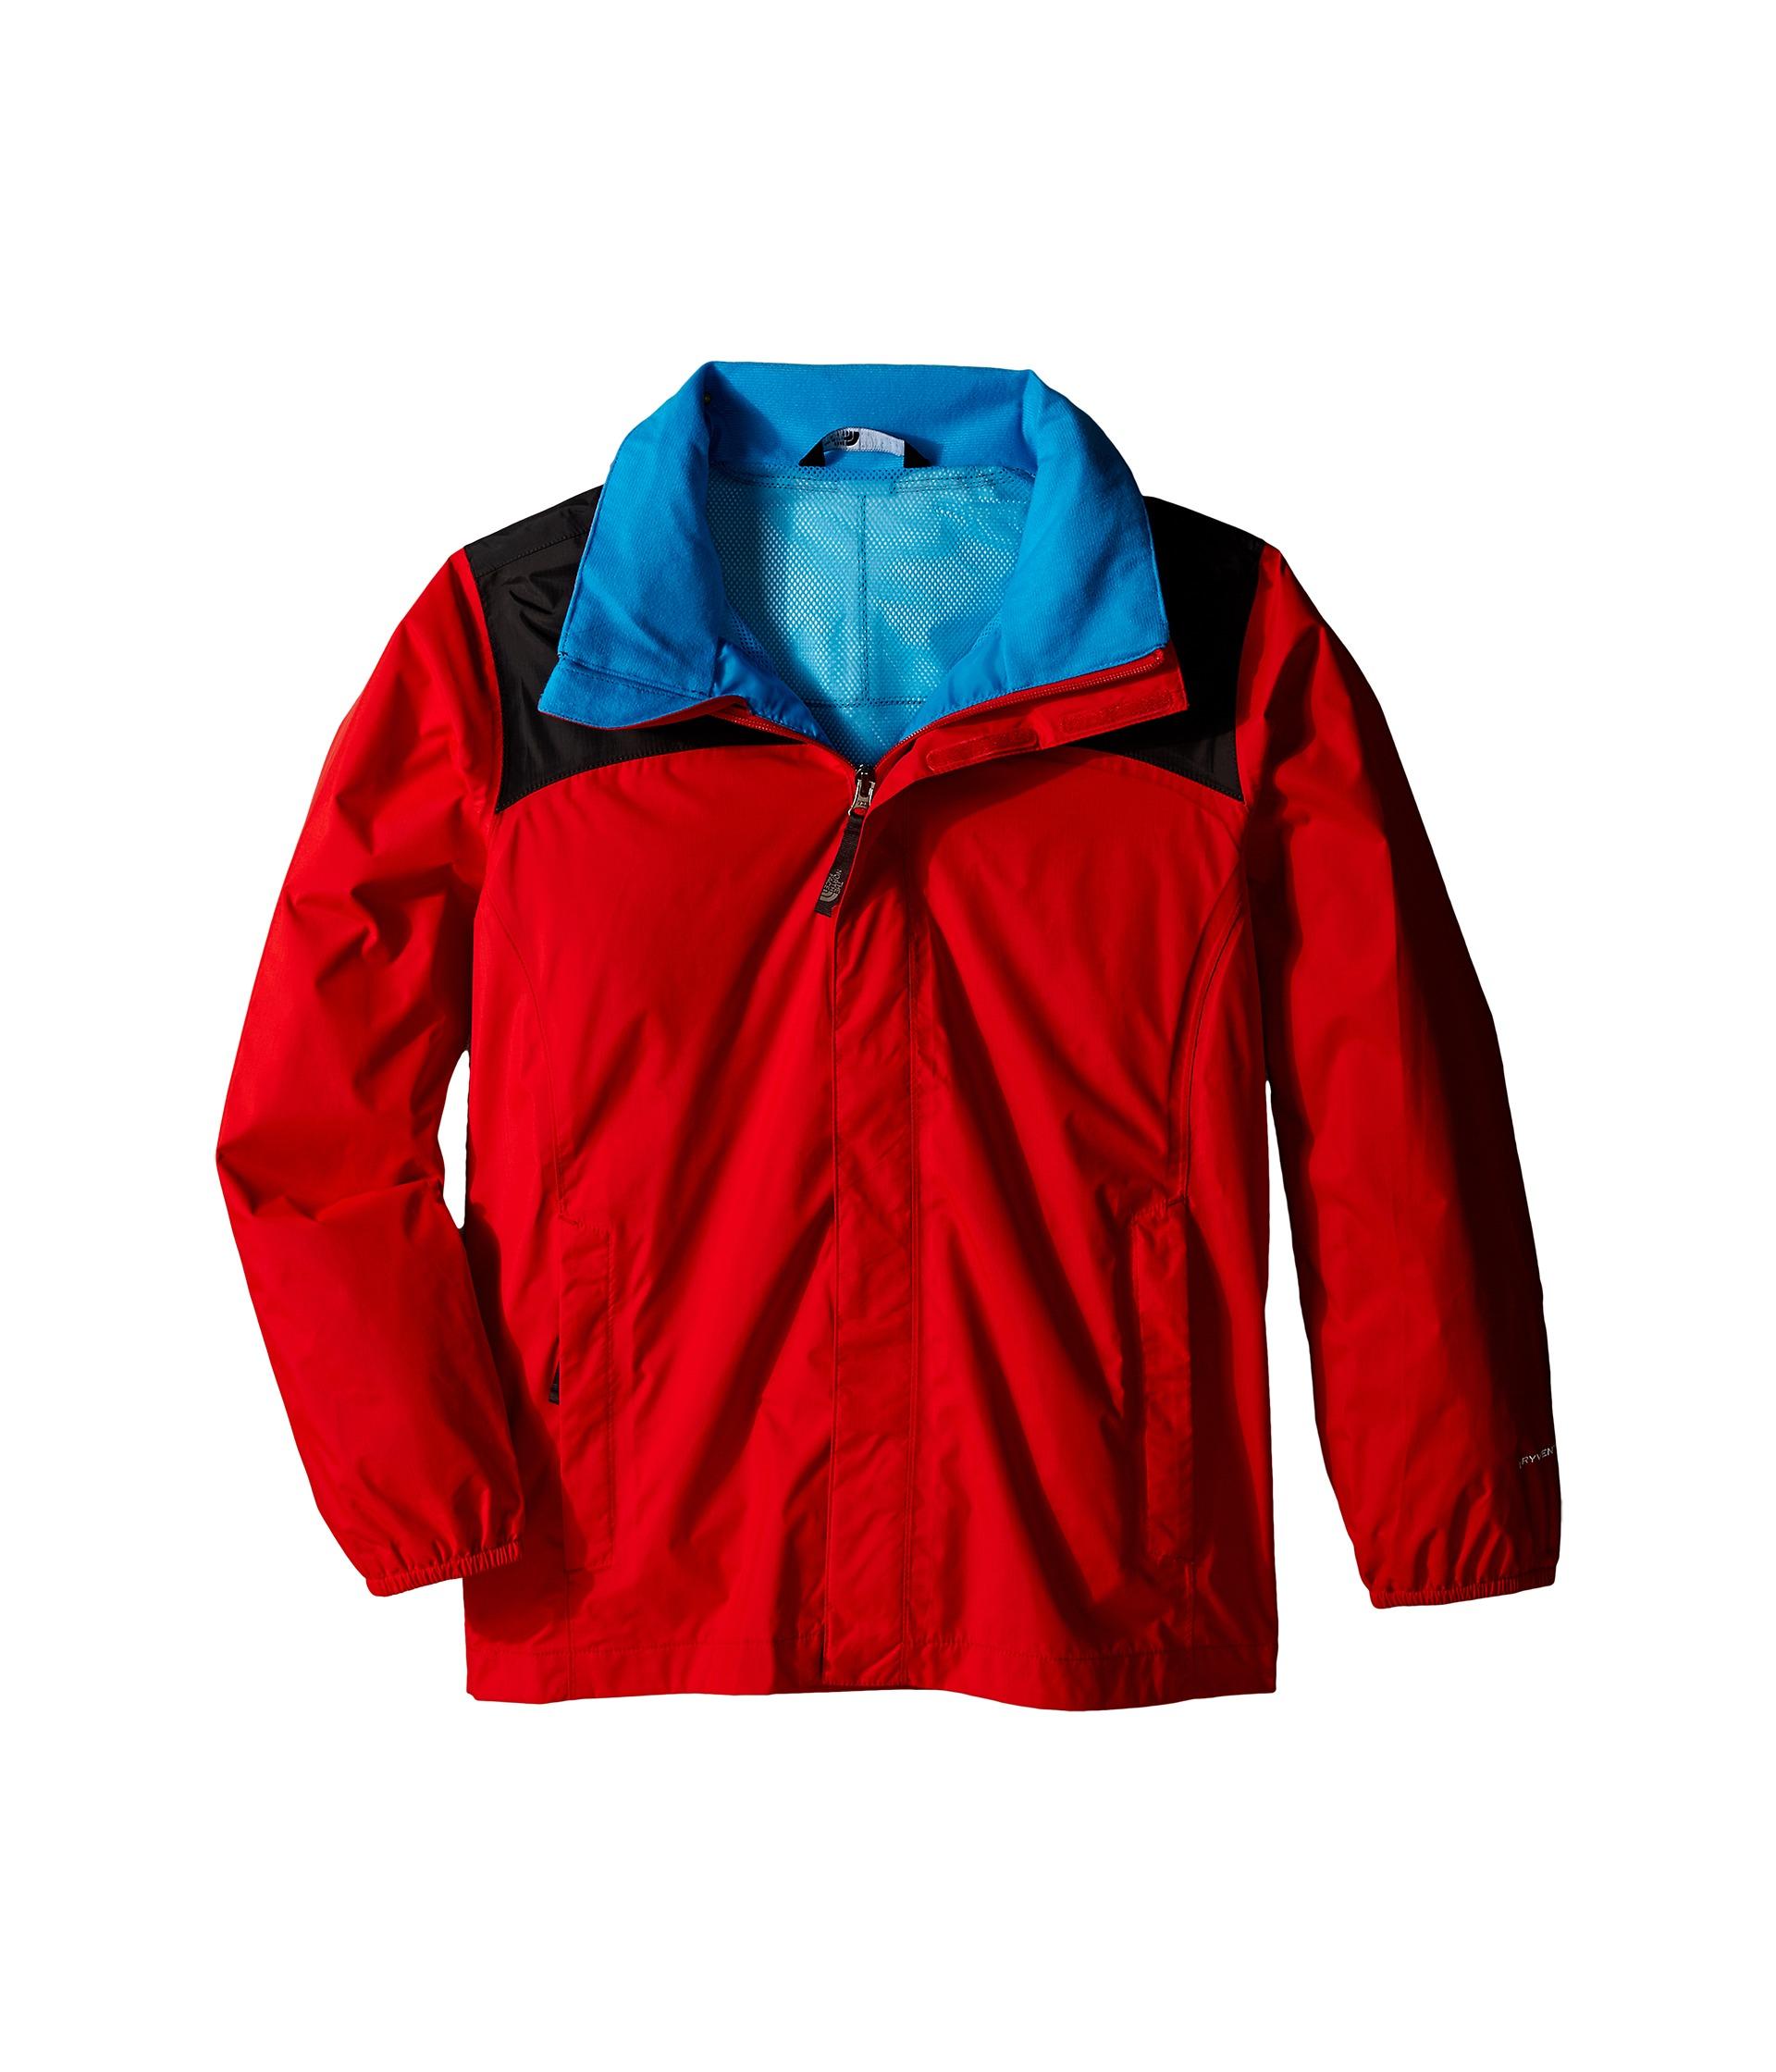 62aa26928 north face winter jackets for big boys - Marwood VeneerMarwood Veneer